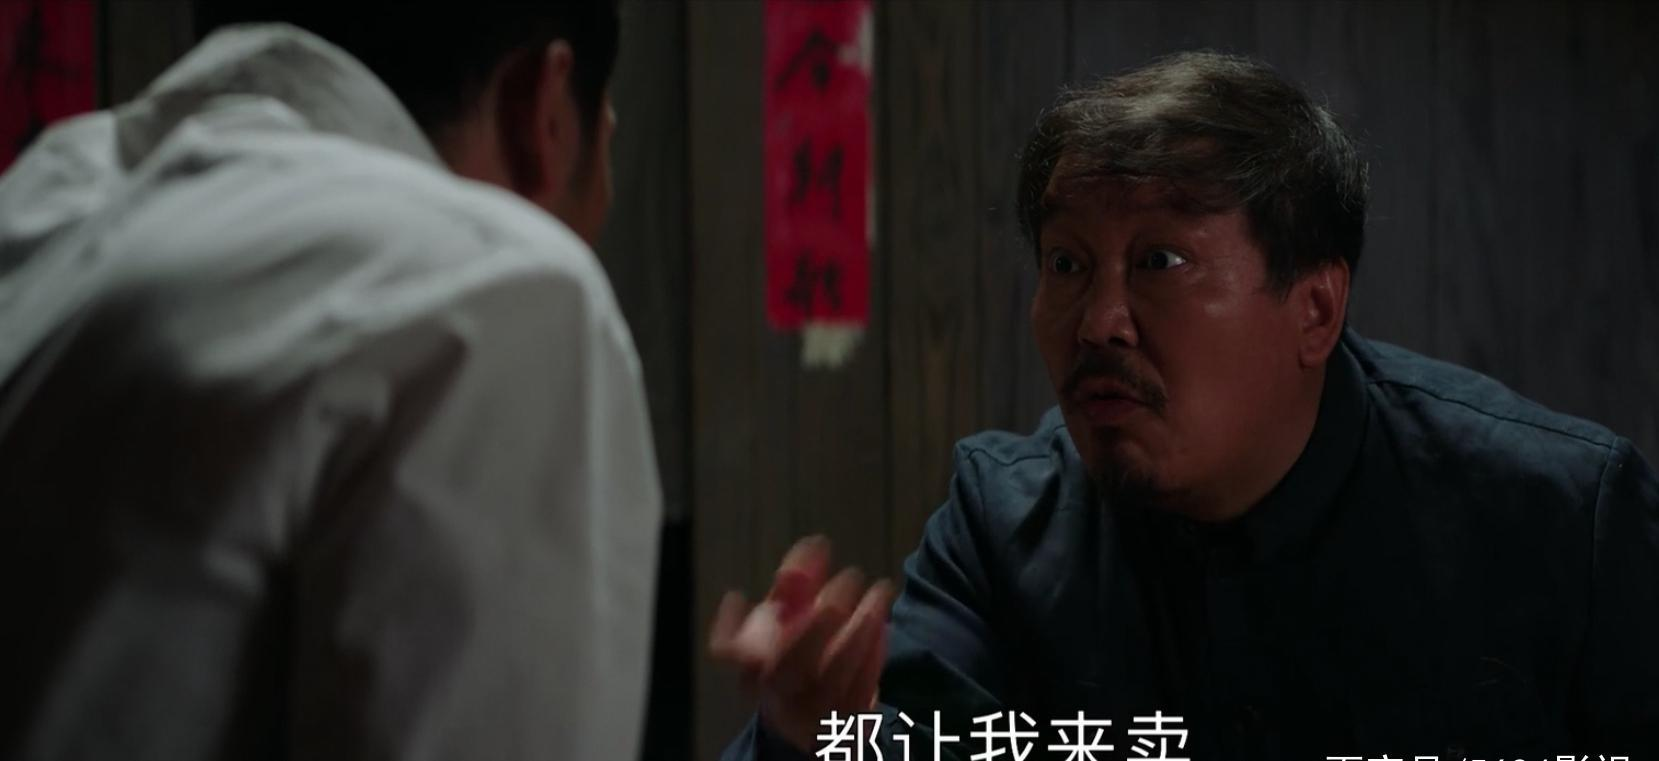 《大江涉县》:老猢狲赏识雷东宝得到,原来老猢居大河三期君子图纸图片